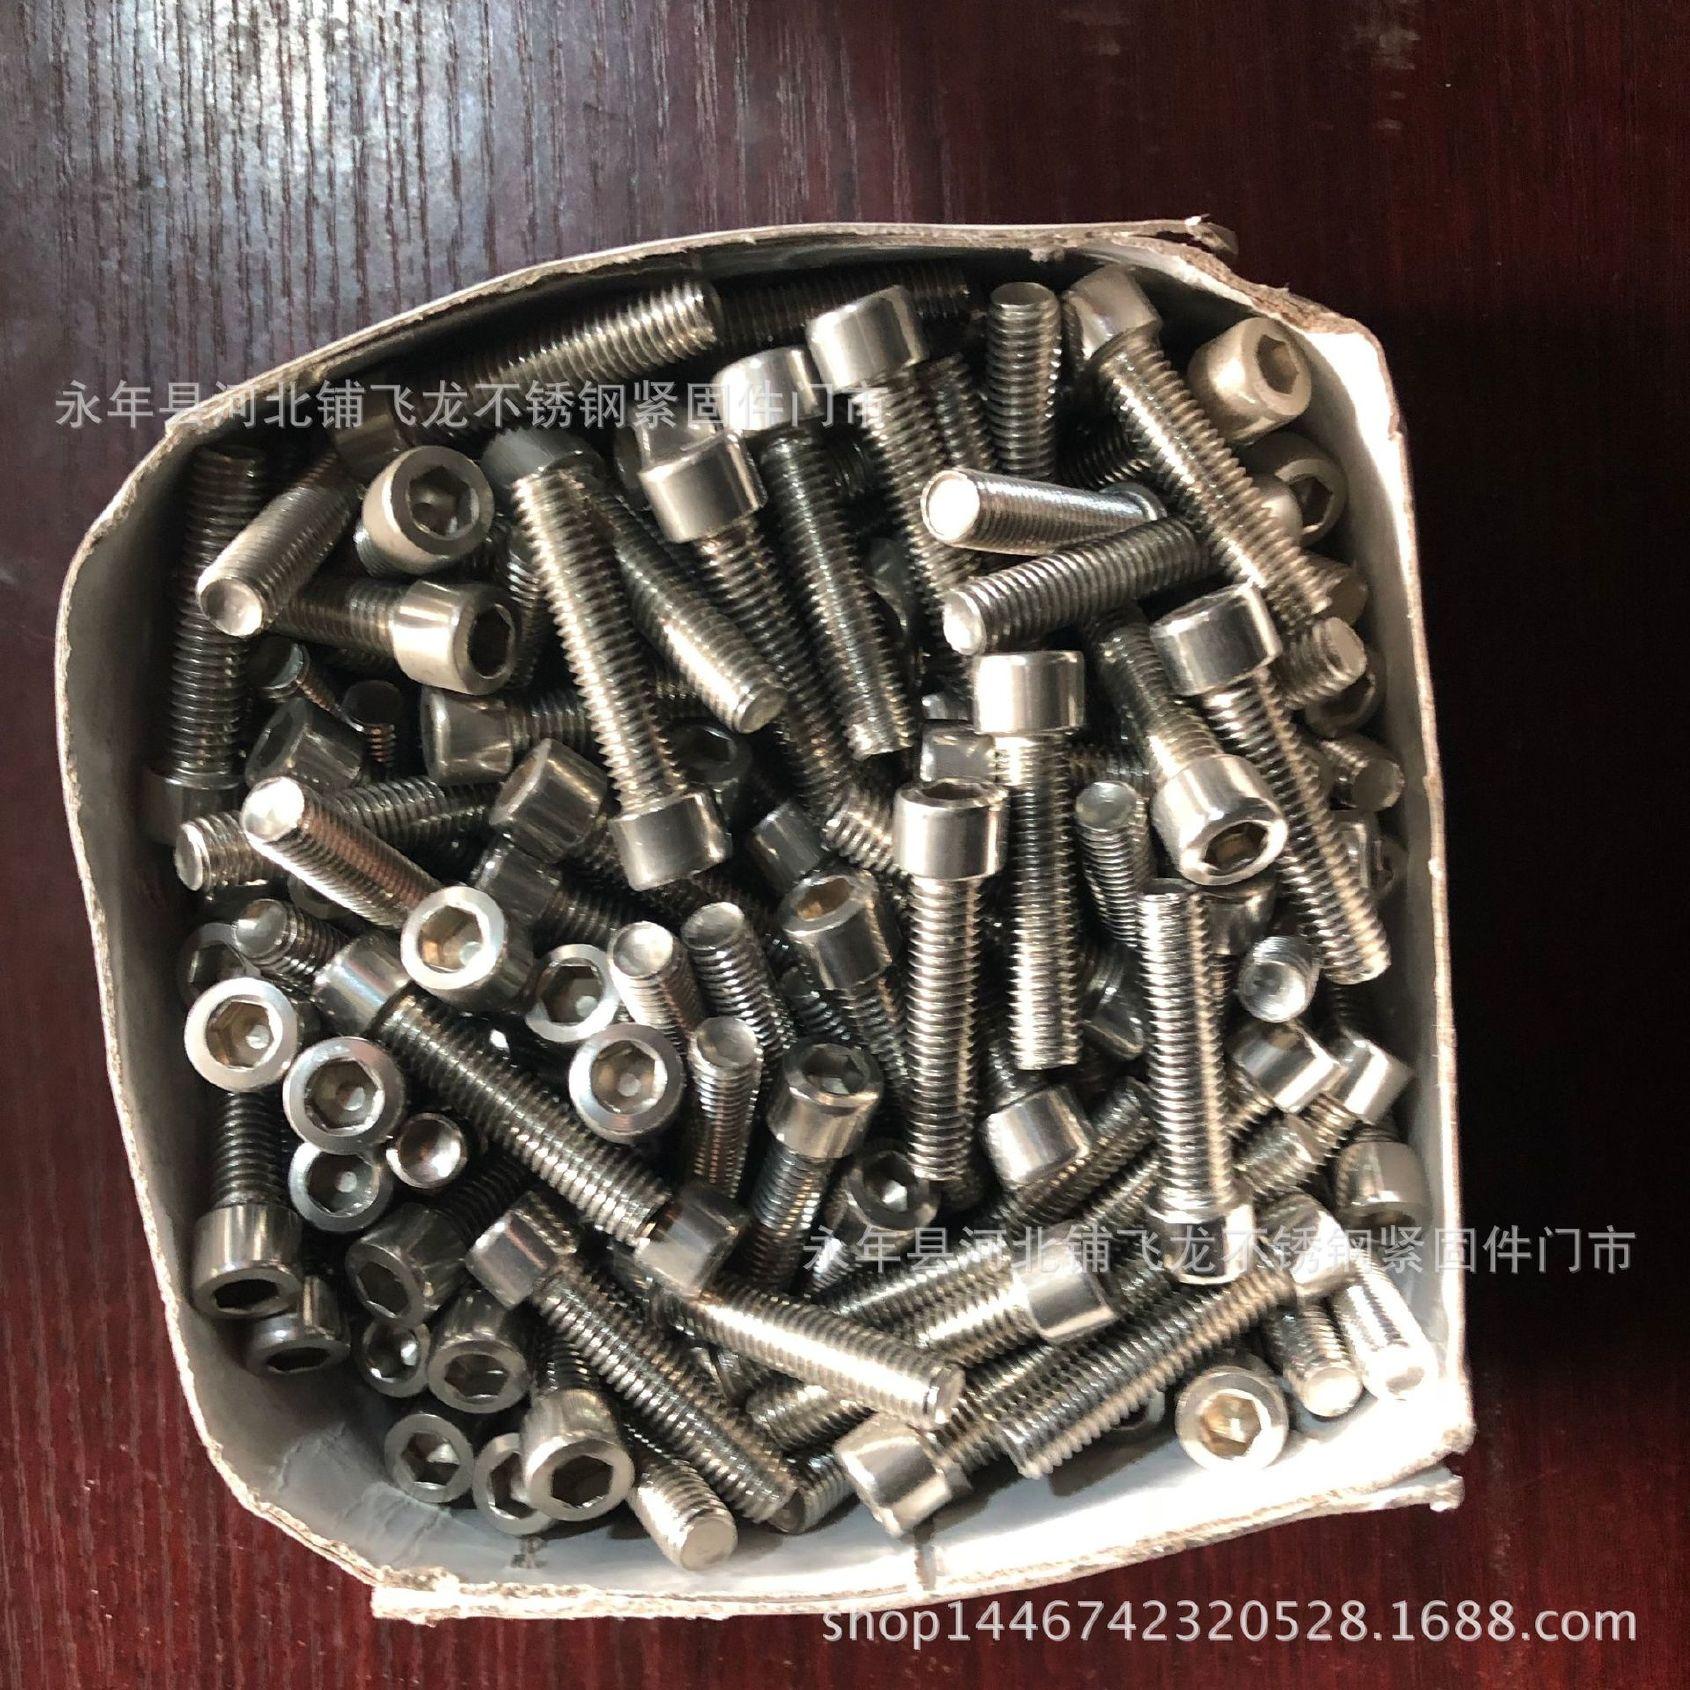 廠家直銷不銹鋼 304 內六角螺絲 長期現貨供應